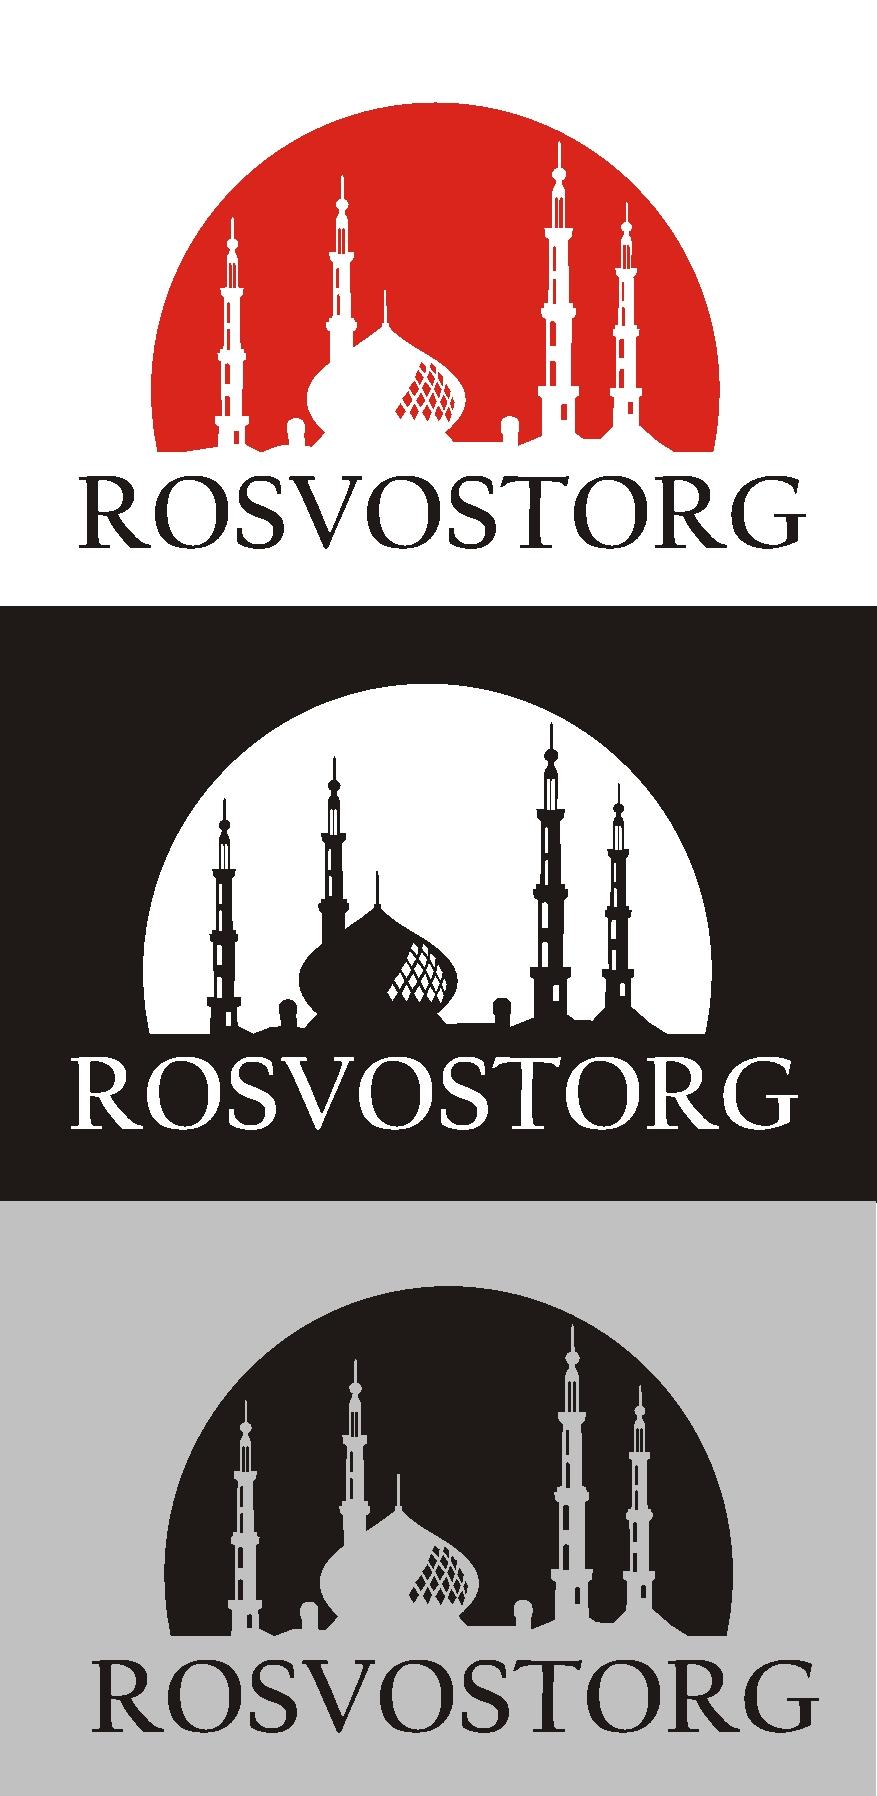 Логотип для компании Росвосторг. Интересные перспективы. фото f_4f853409211ea.jpg